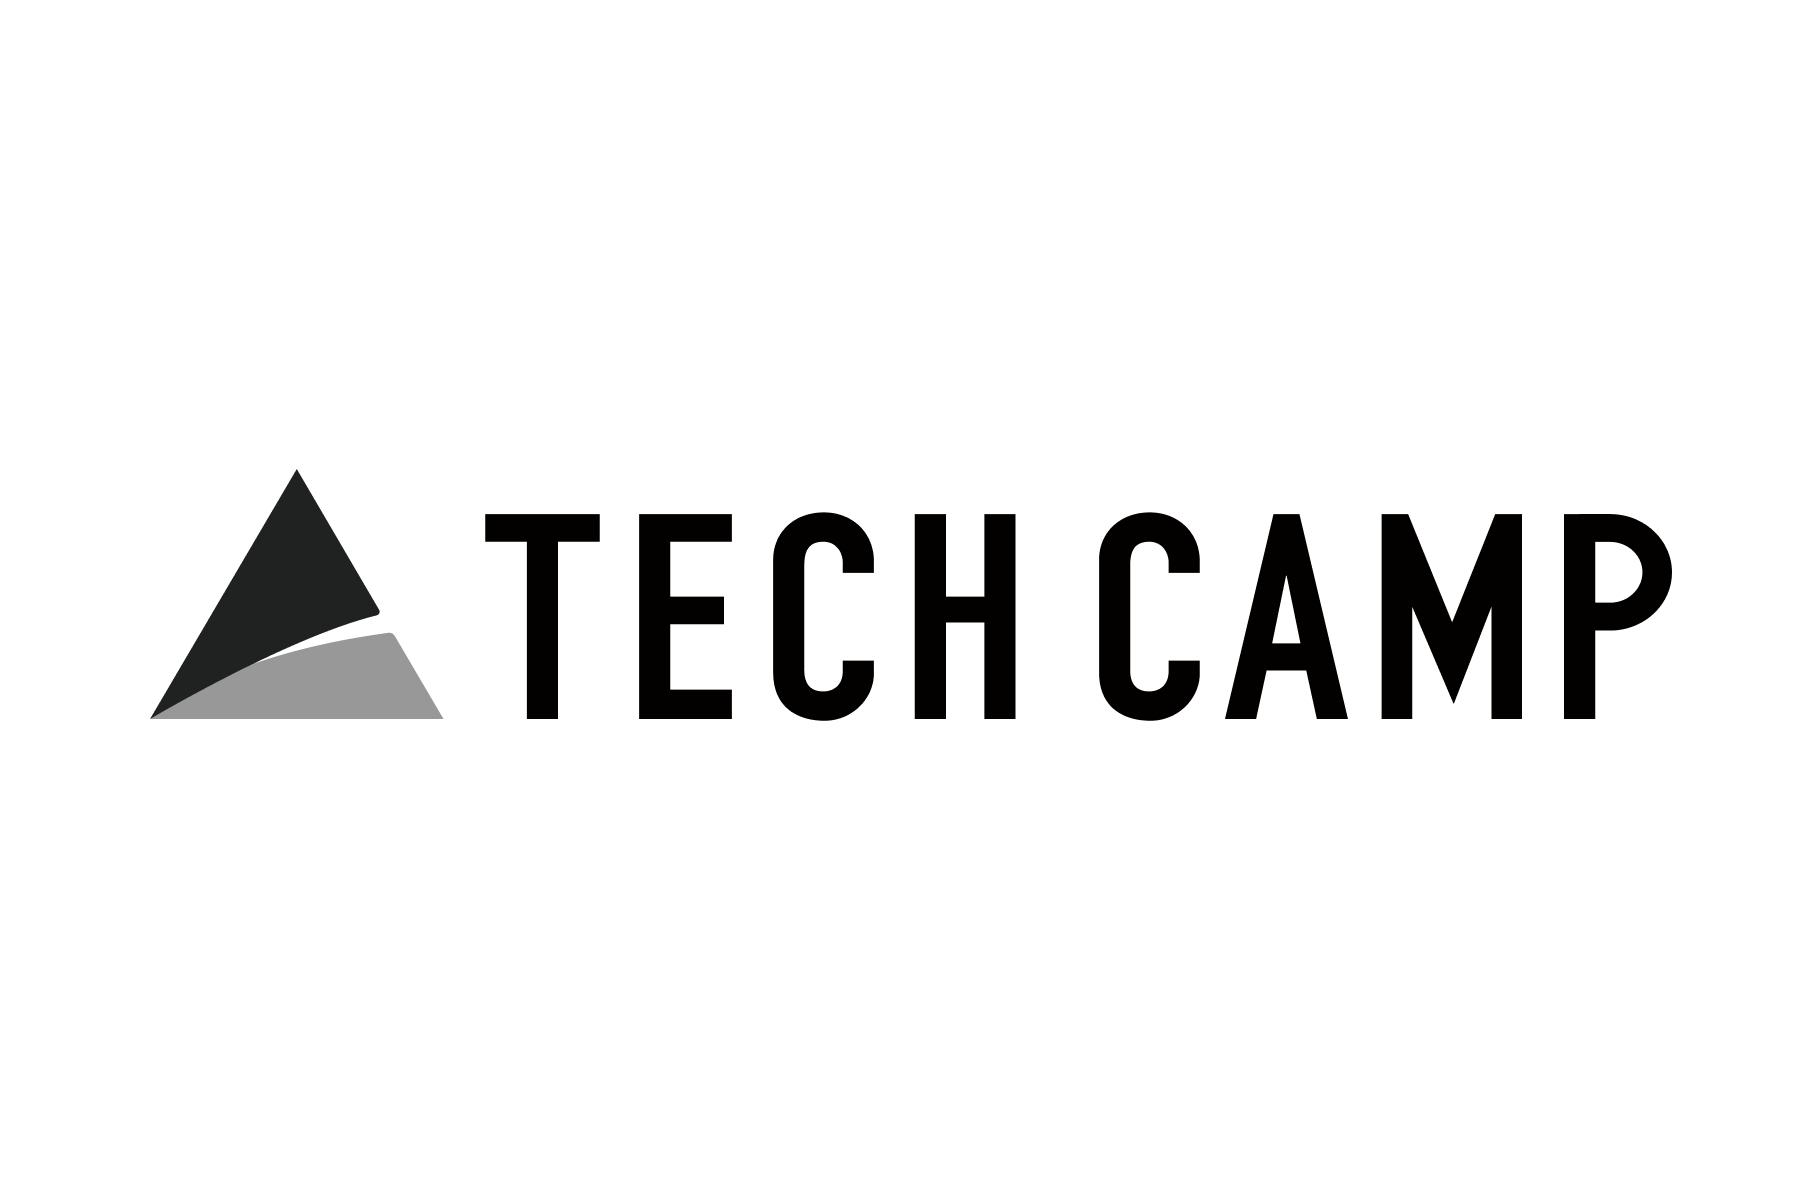 日本最大級のプログラミングスクール「テックキャンプ」を運営する株式会社div、18.3億円の資金調達を実施